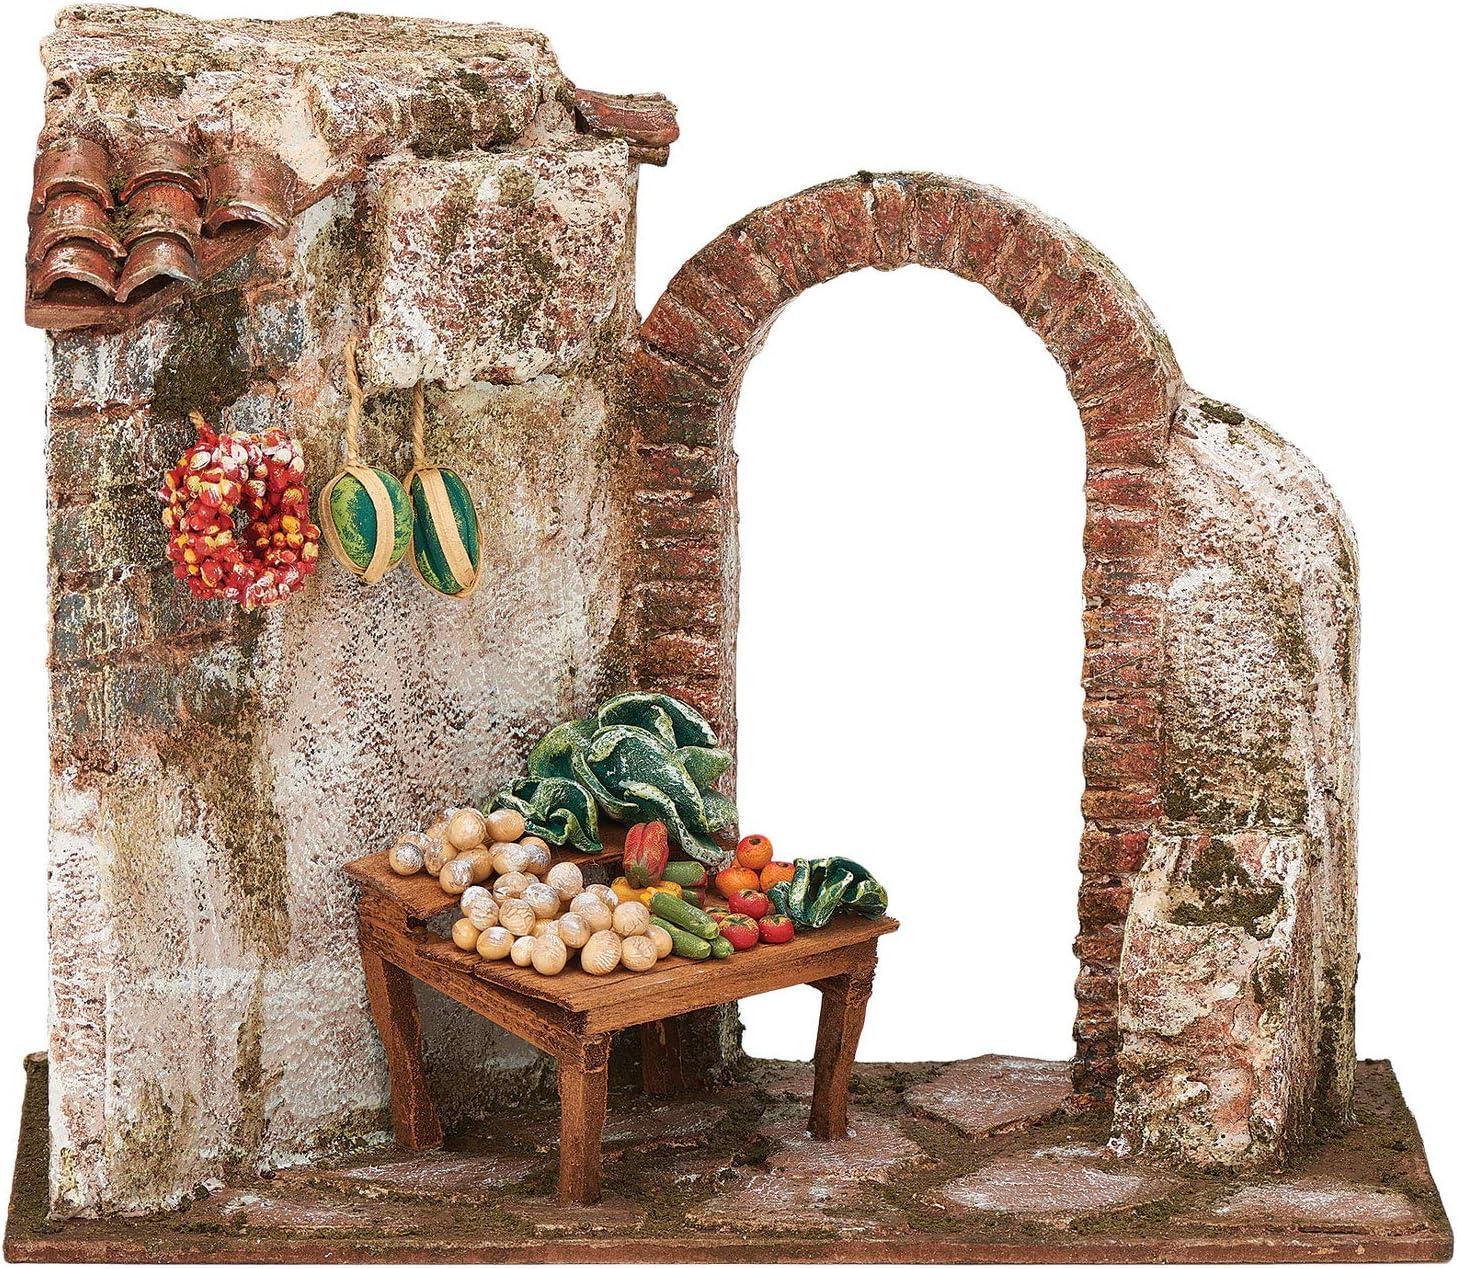 Fontanini - Produce Shop, for 5